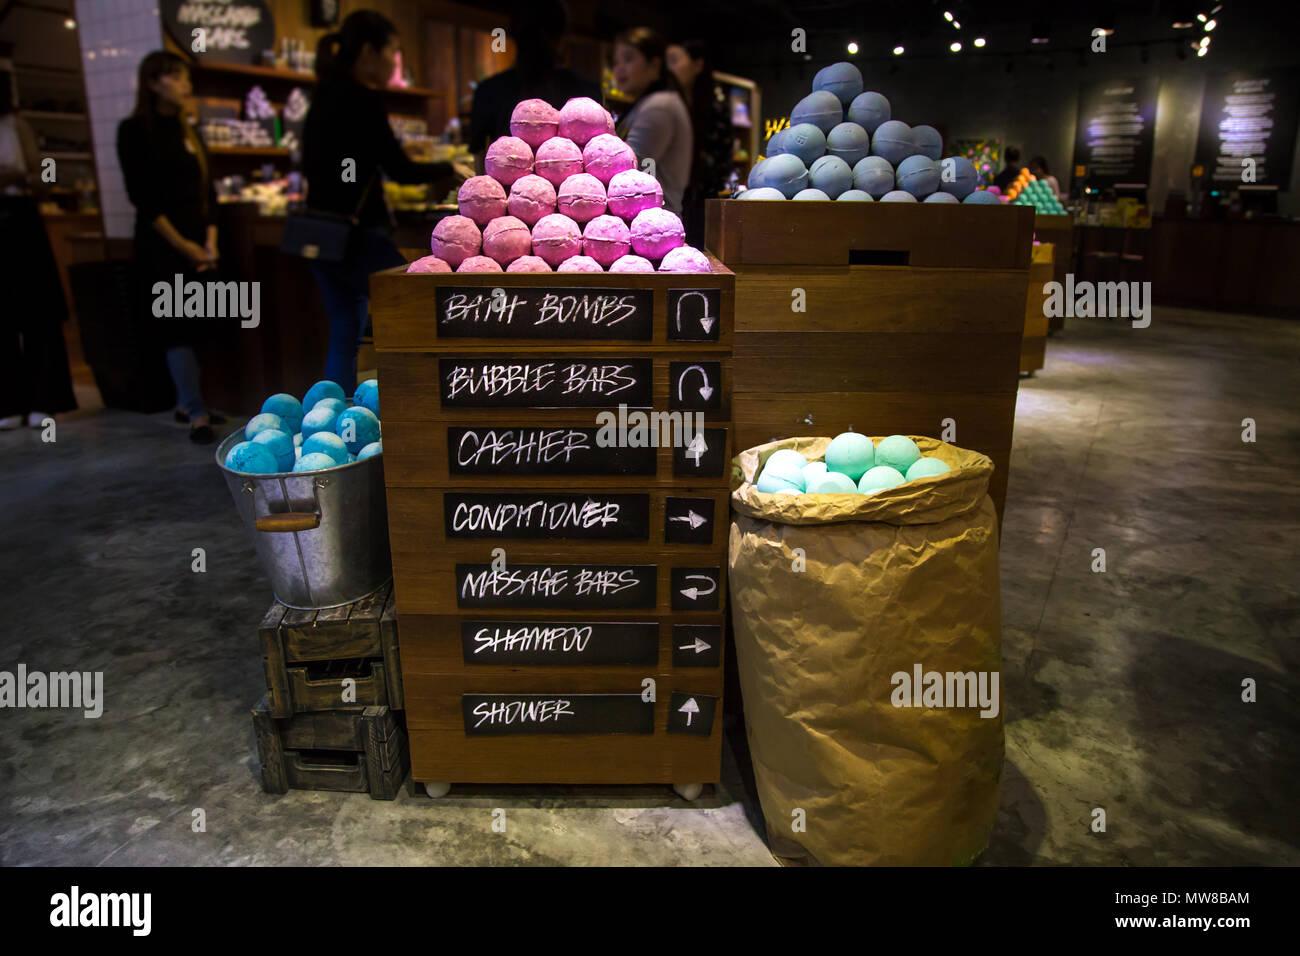 Bagnoschiuma Artigianale : Stand negozio di cosmetici bombe artigianali e bagnoschiuma